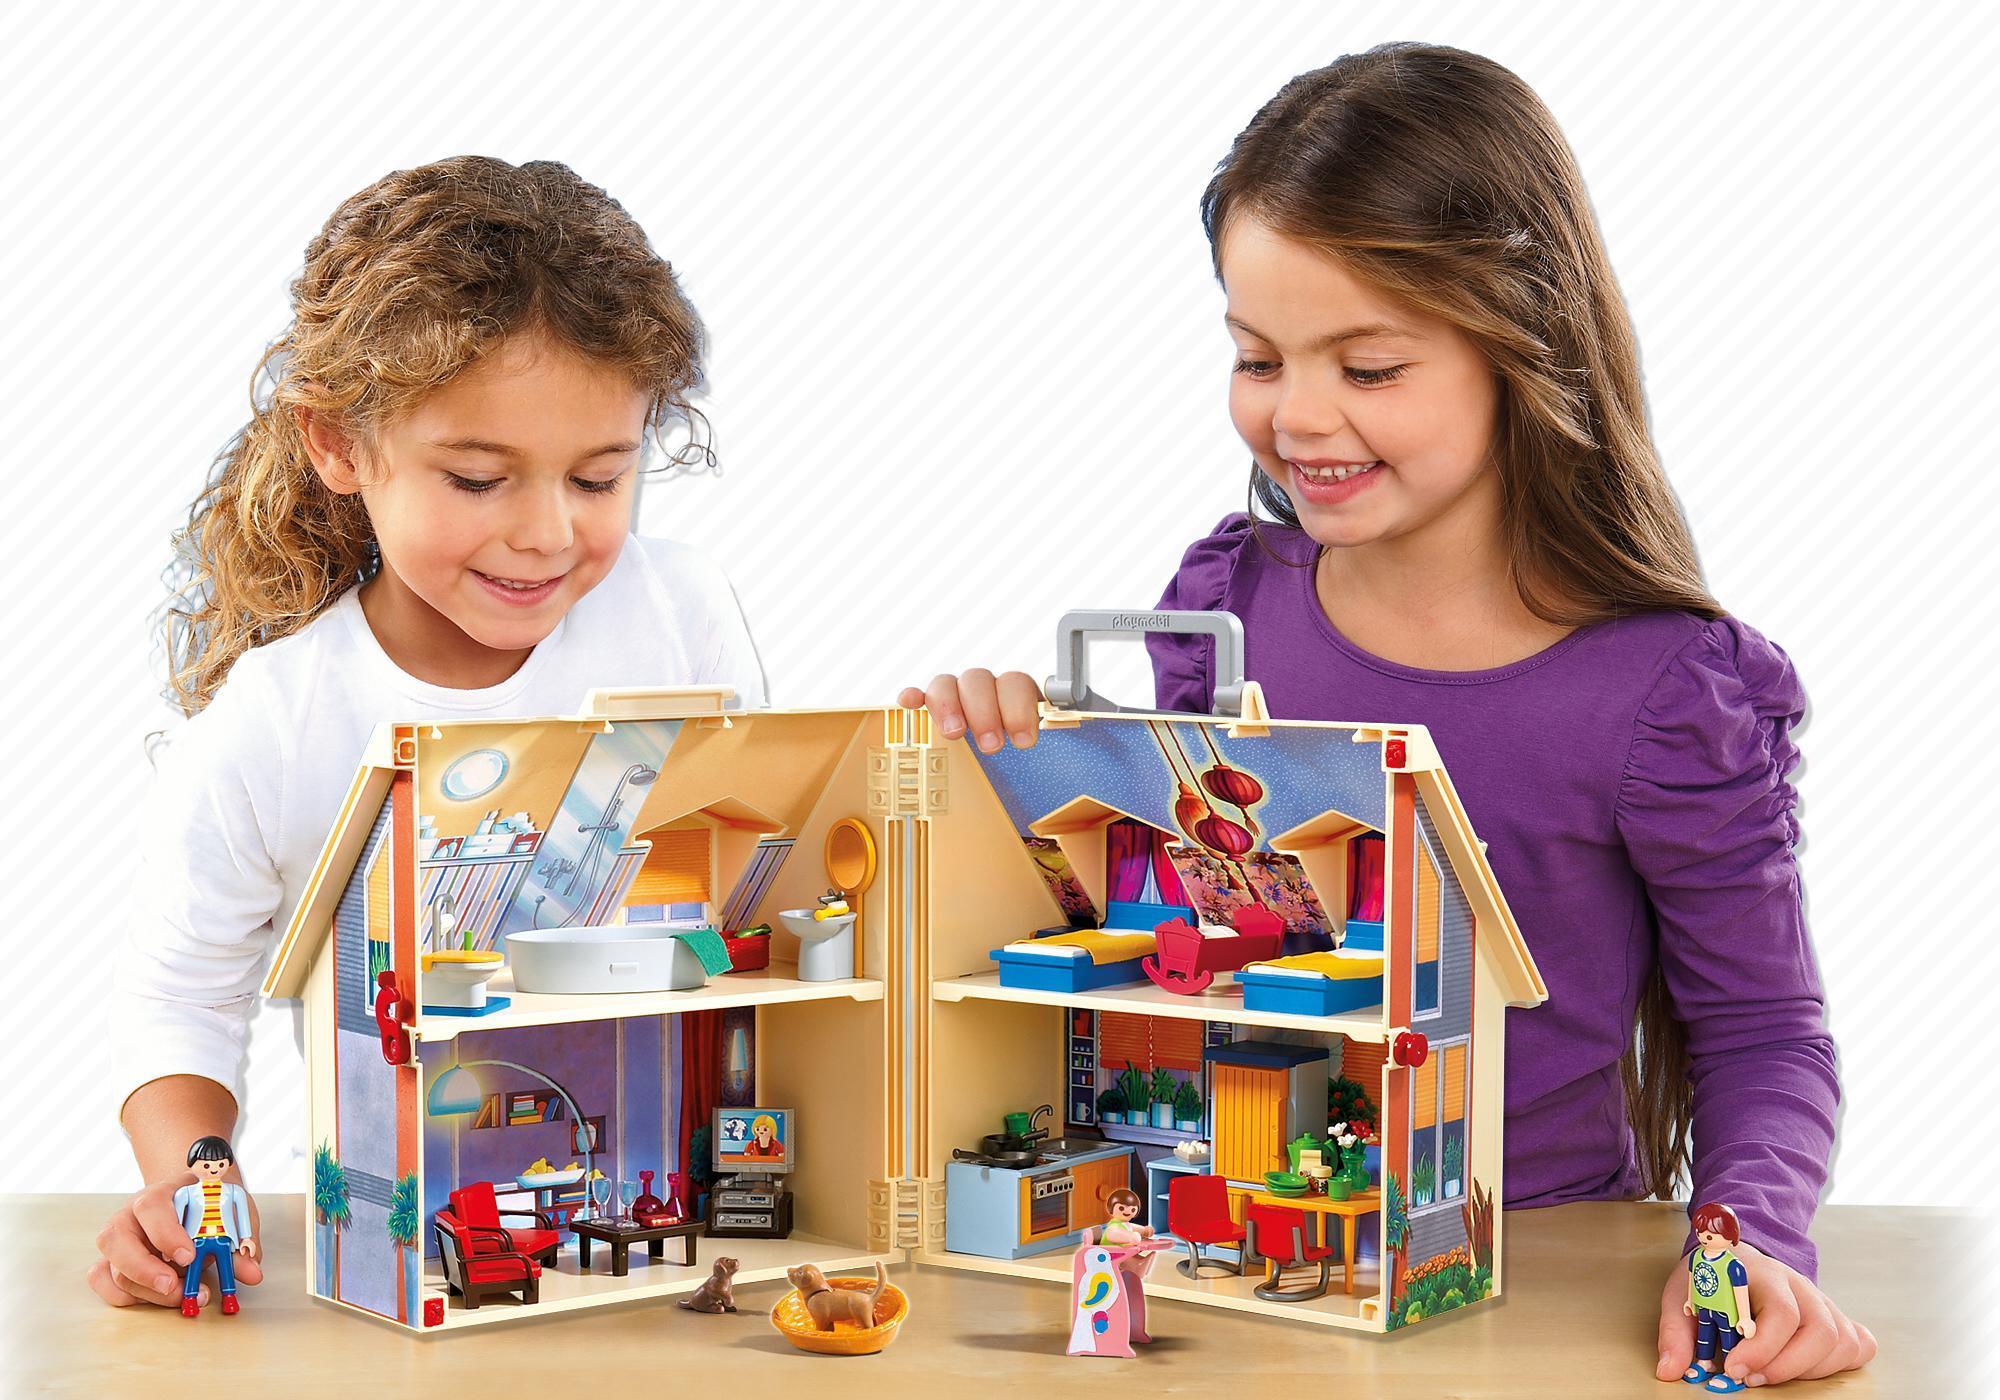 http://media.playmobil.com/i/playmobil/5167_product_extra2/Nowy przenośny domek dla lalek